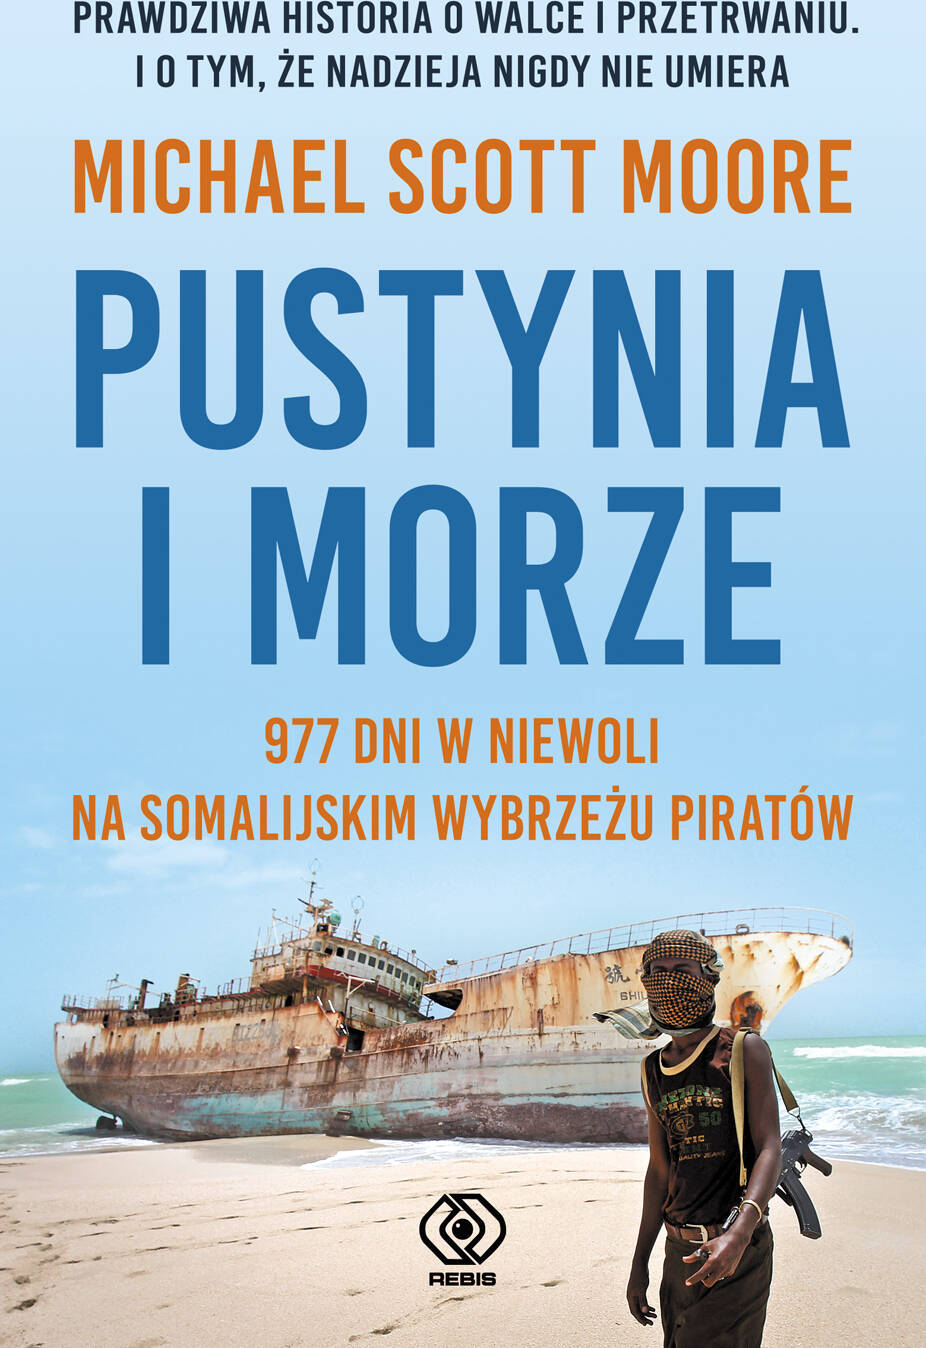 Pustynia i morze. 977 dni w niewoli na somalijskim wybrzeżu piratów.